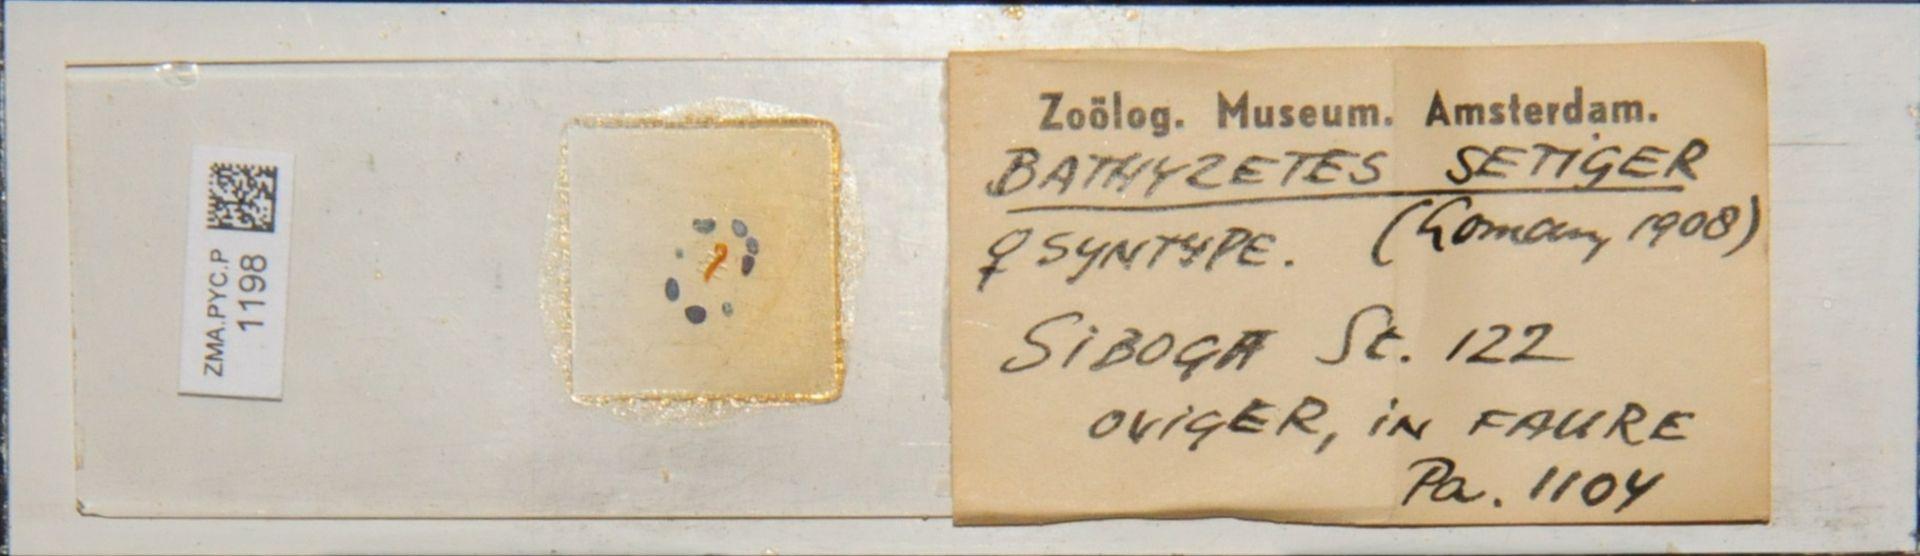 ZMA.PYC.P.1198   Bathyzetes setiger Loman, 1908